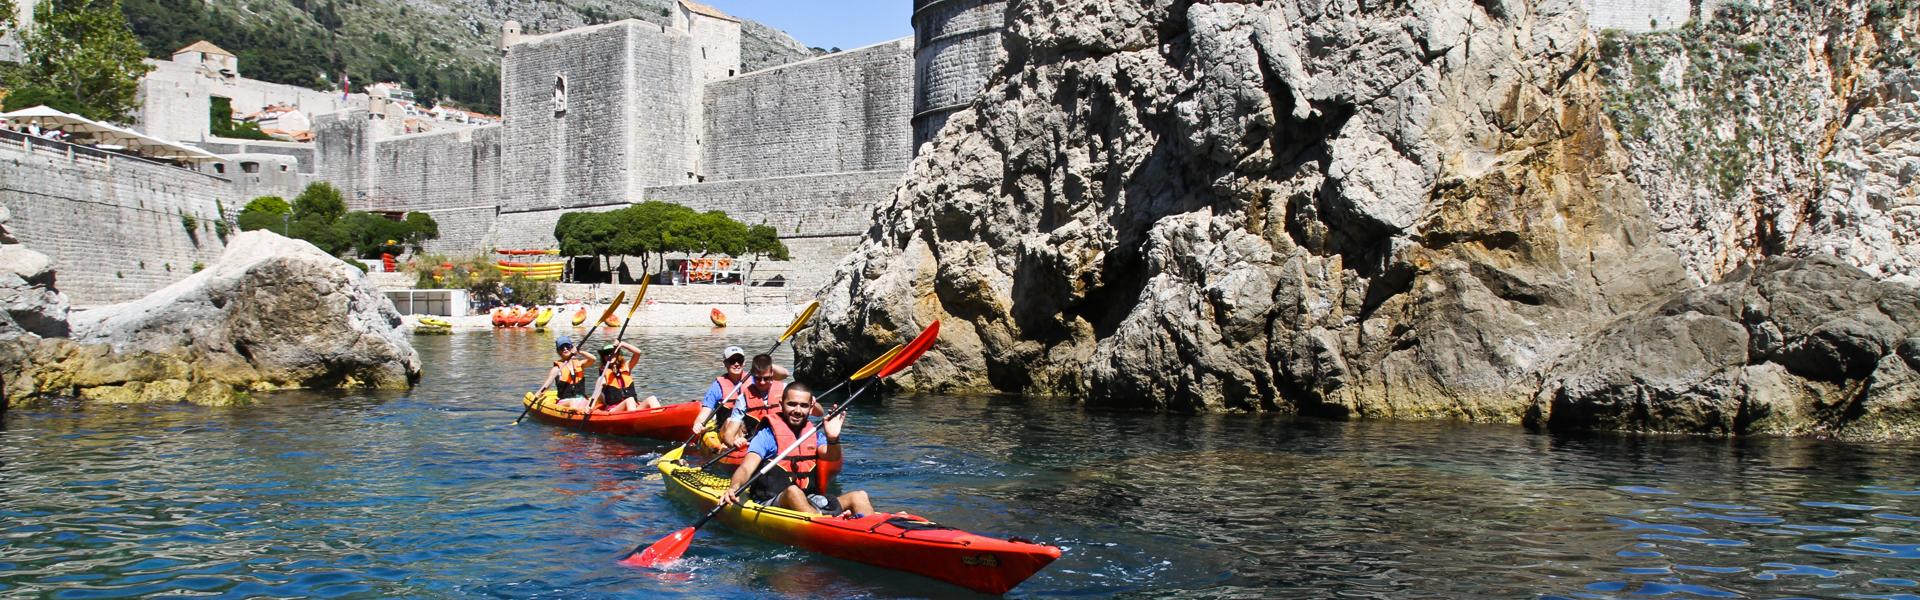 Kajakken Dubrovnik